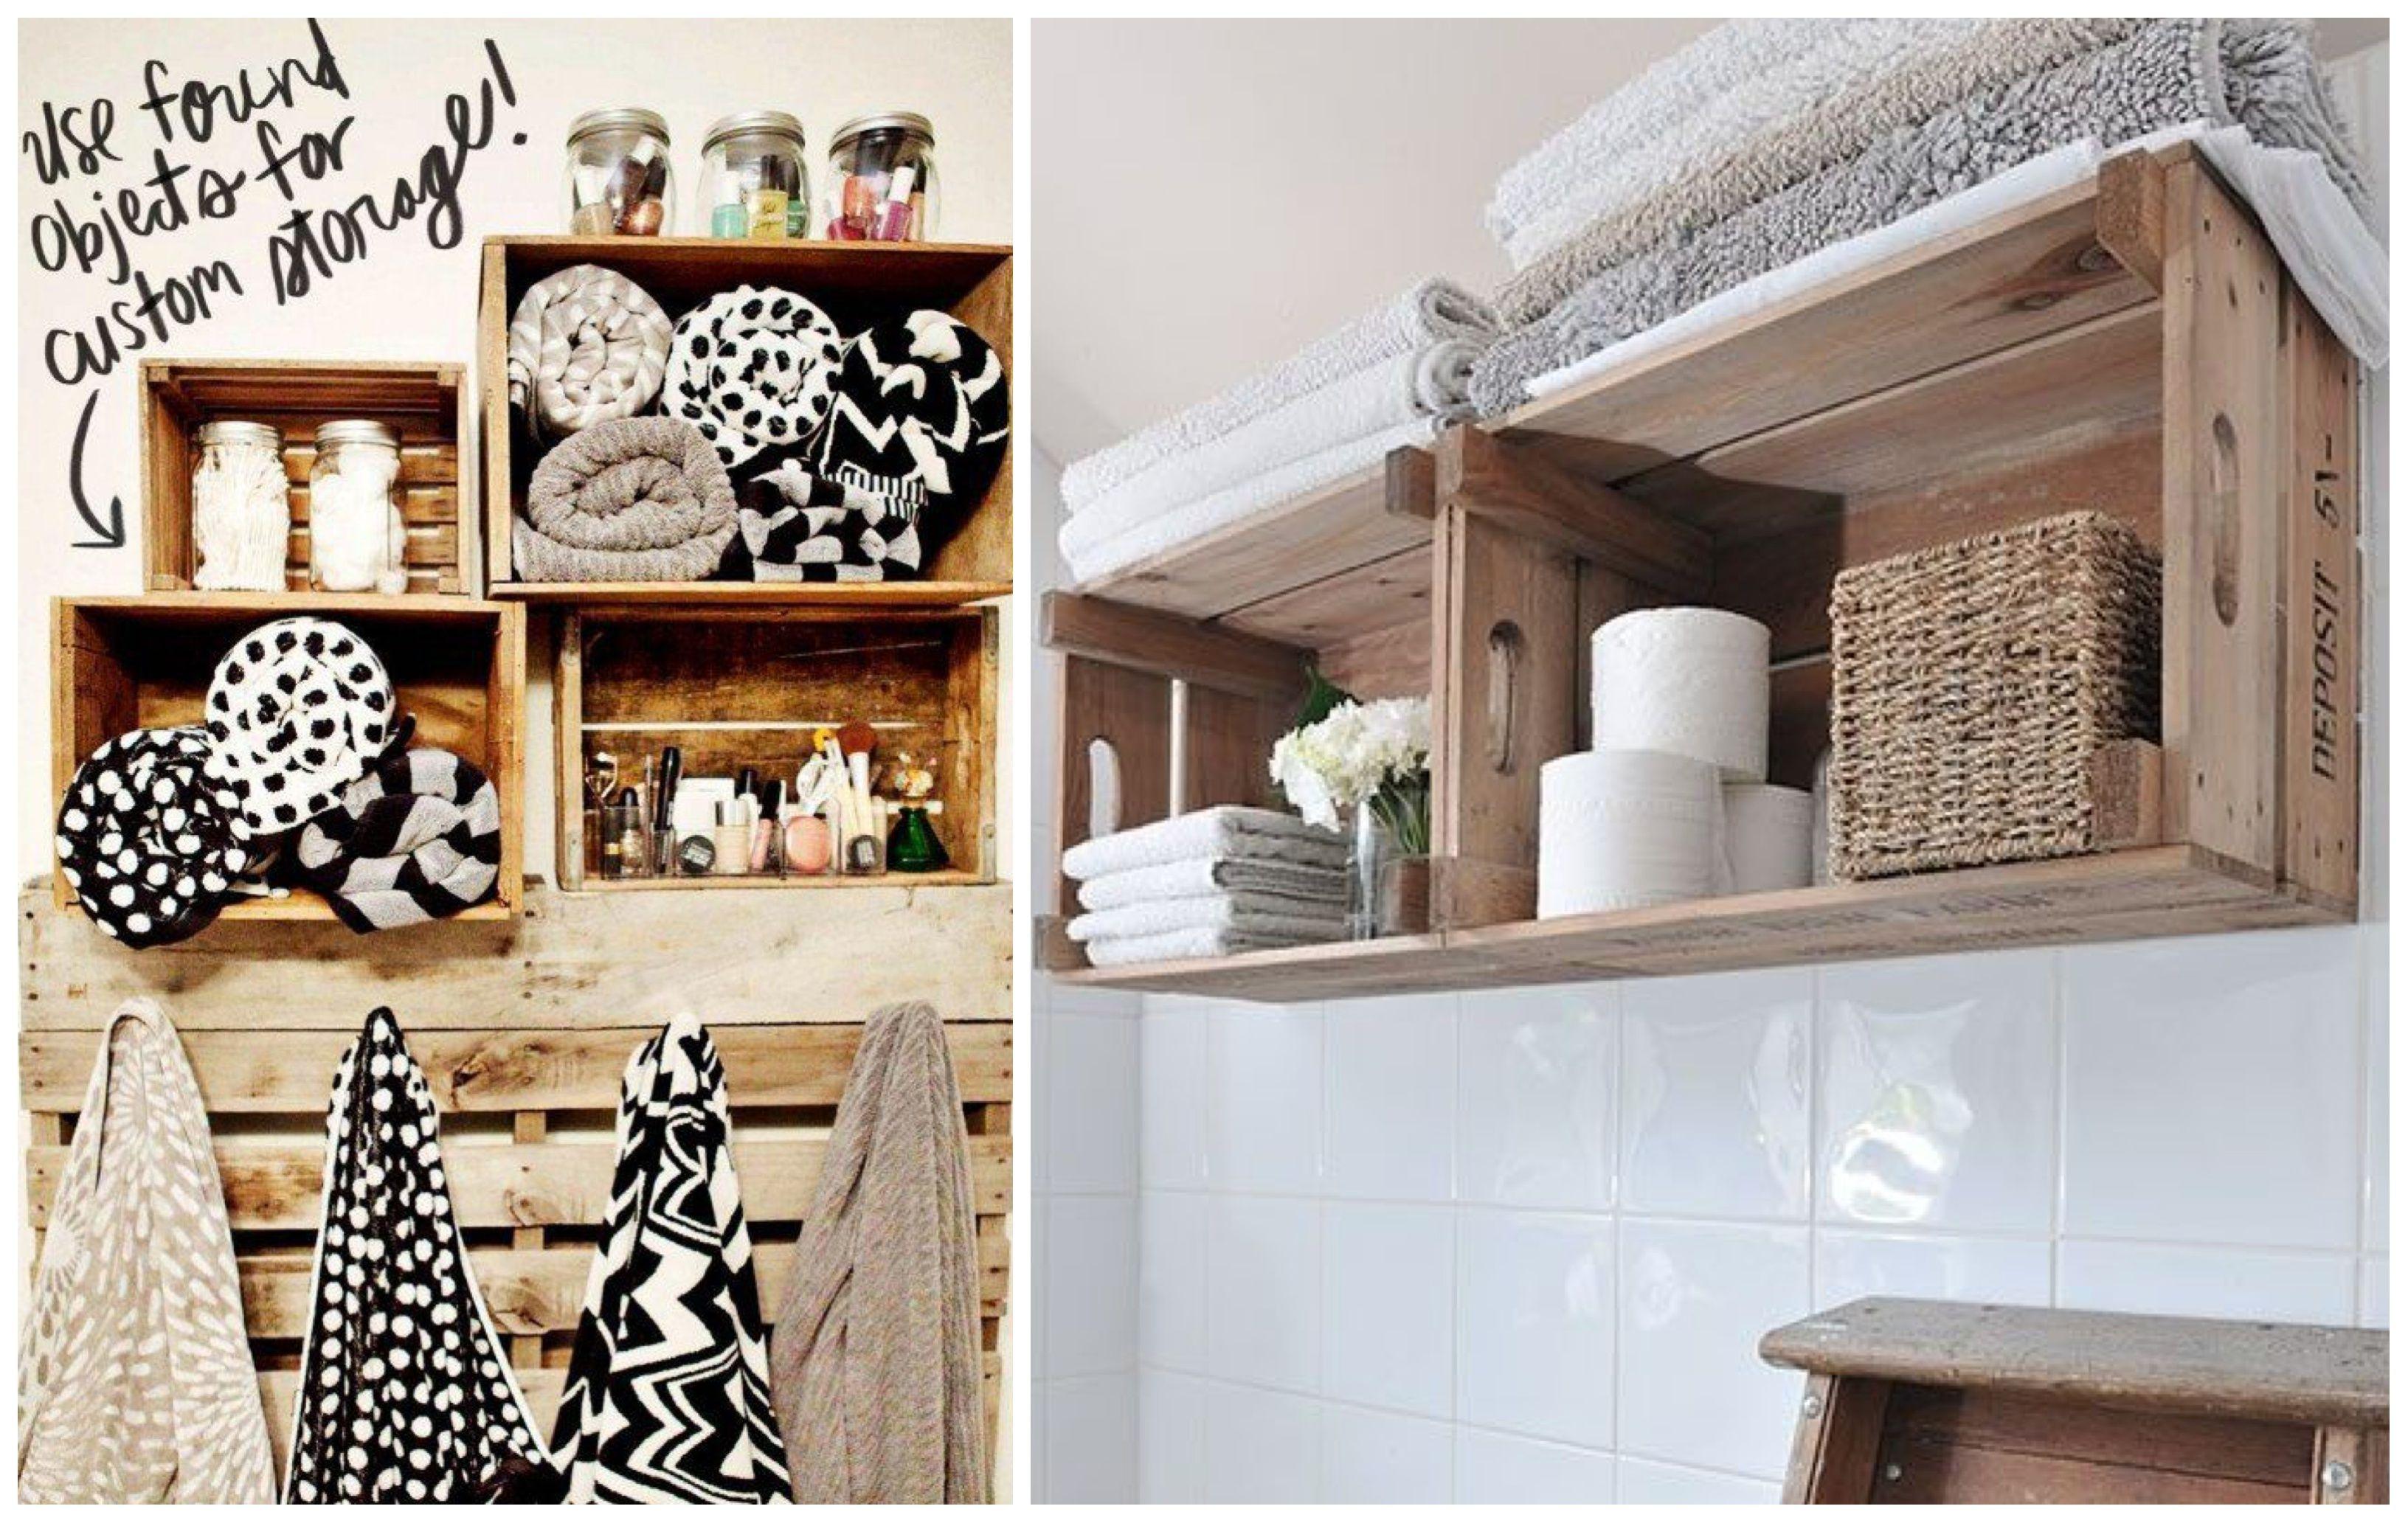 43 id es de petit rangement abordable pour l 39 appartement pinterest espace de placards. Black Bedroom Furniture Sets. Home Design Ideas